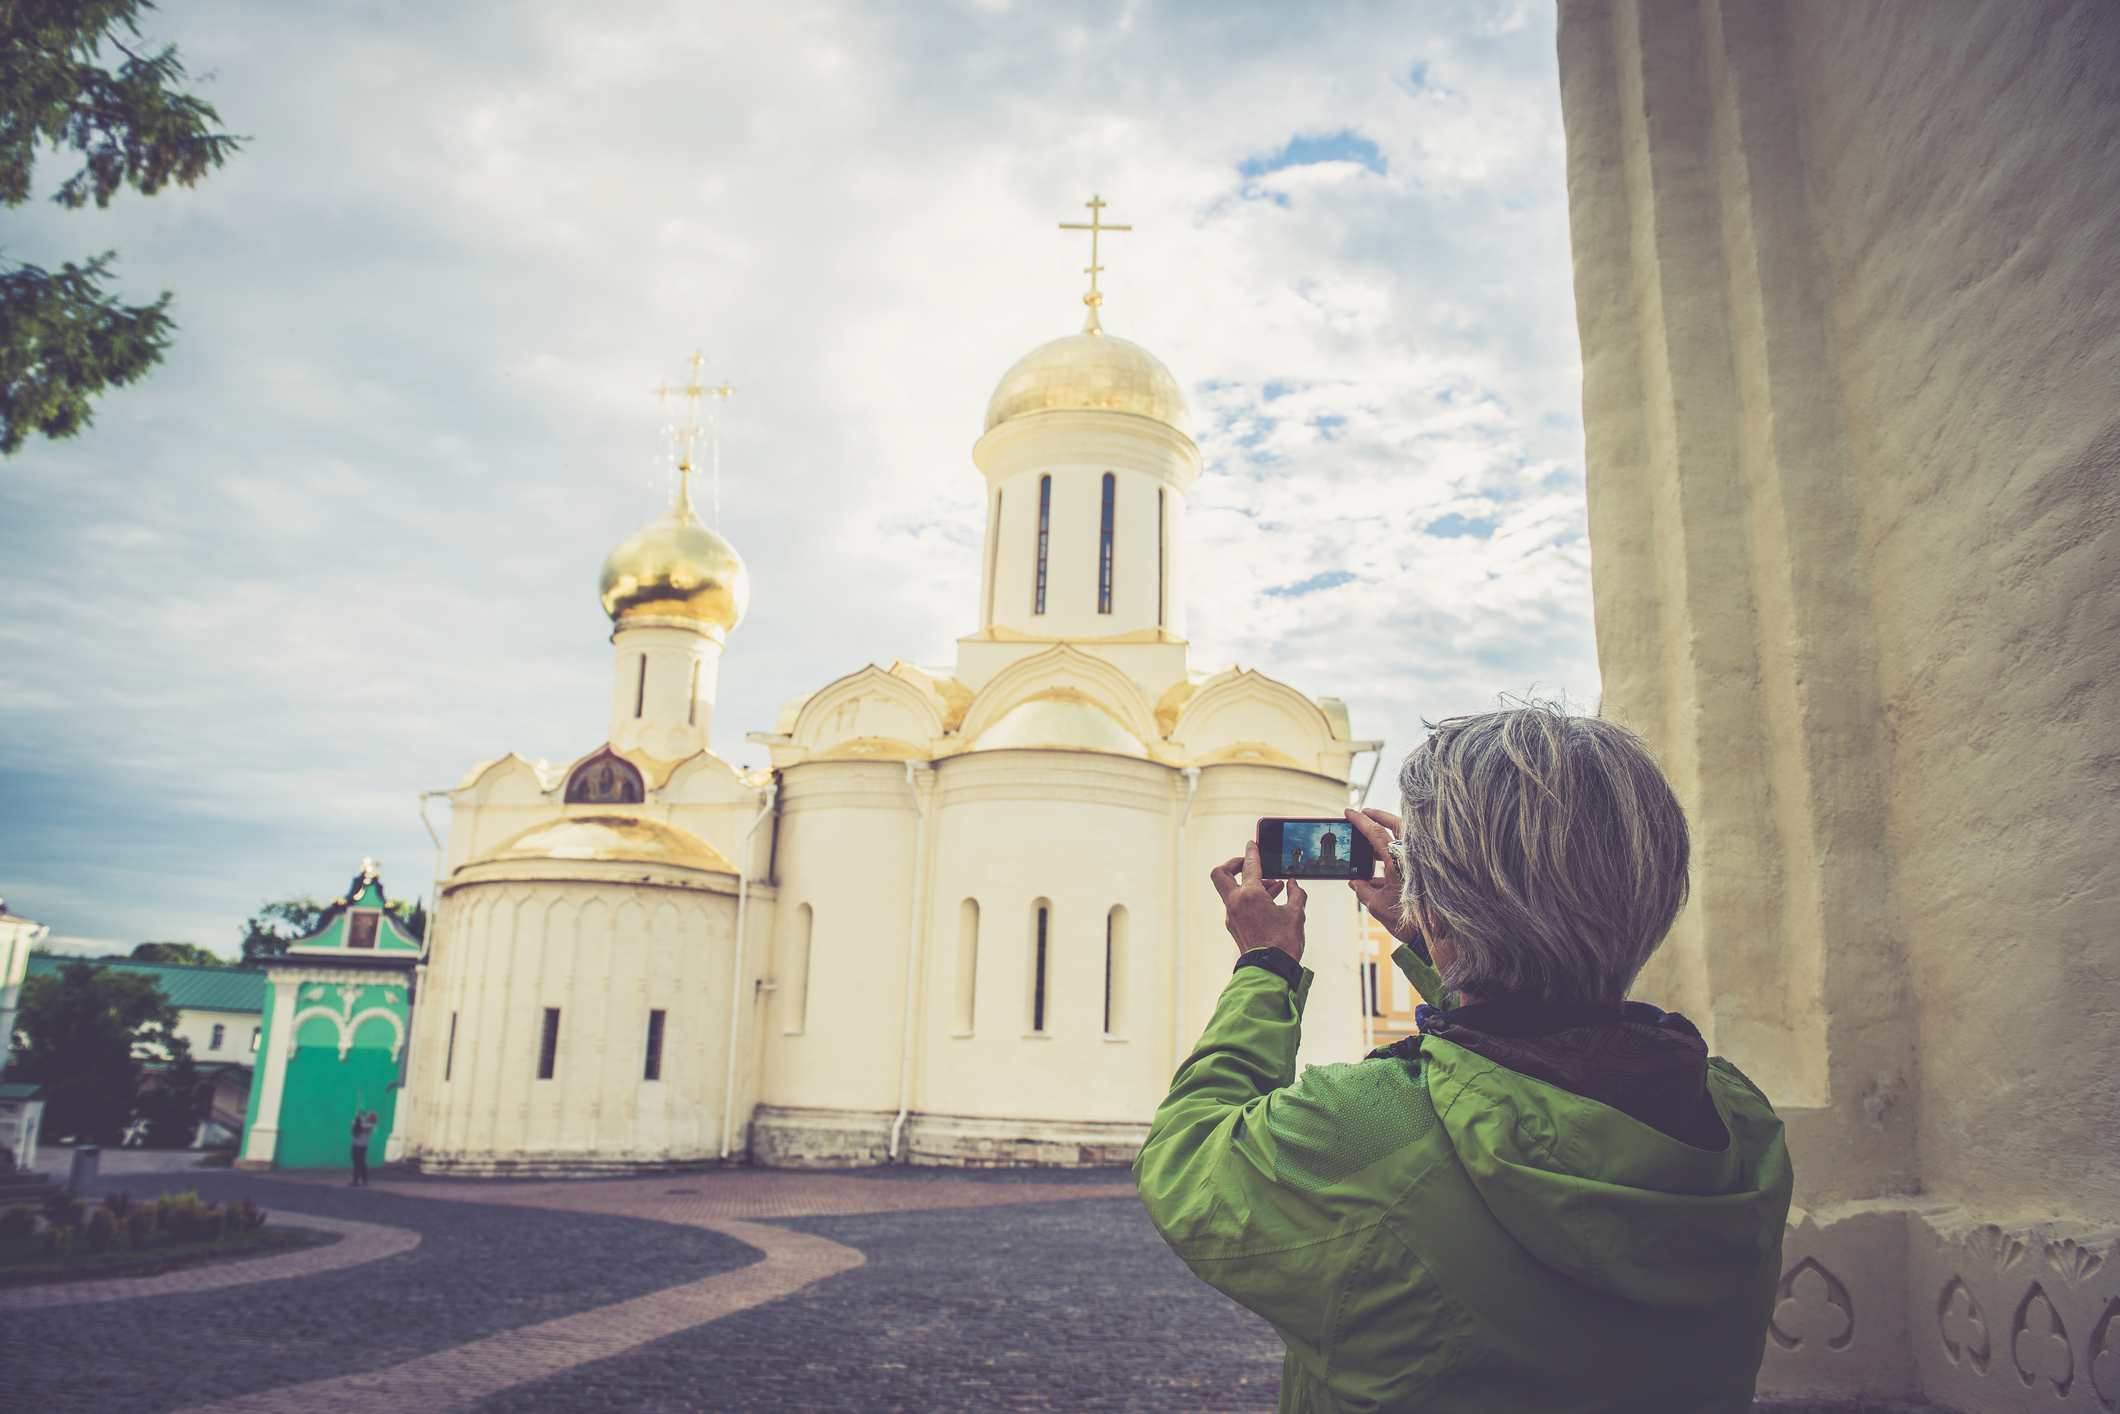 Mujer madura fotografiando la iglesia en Sergiyev Posad, parte de la ciudad de Golden Ring Cluster, Rusia